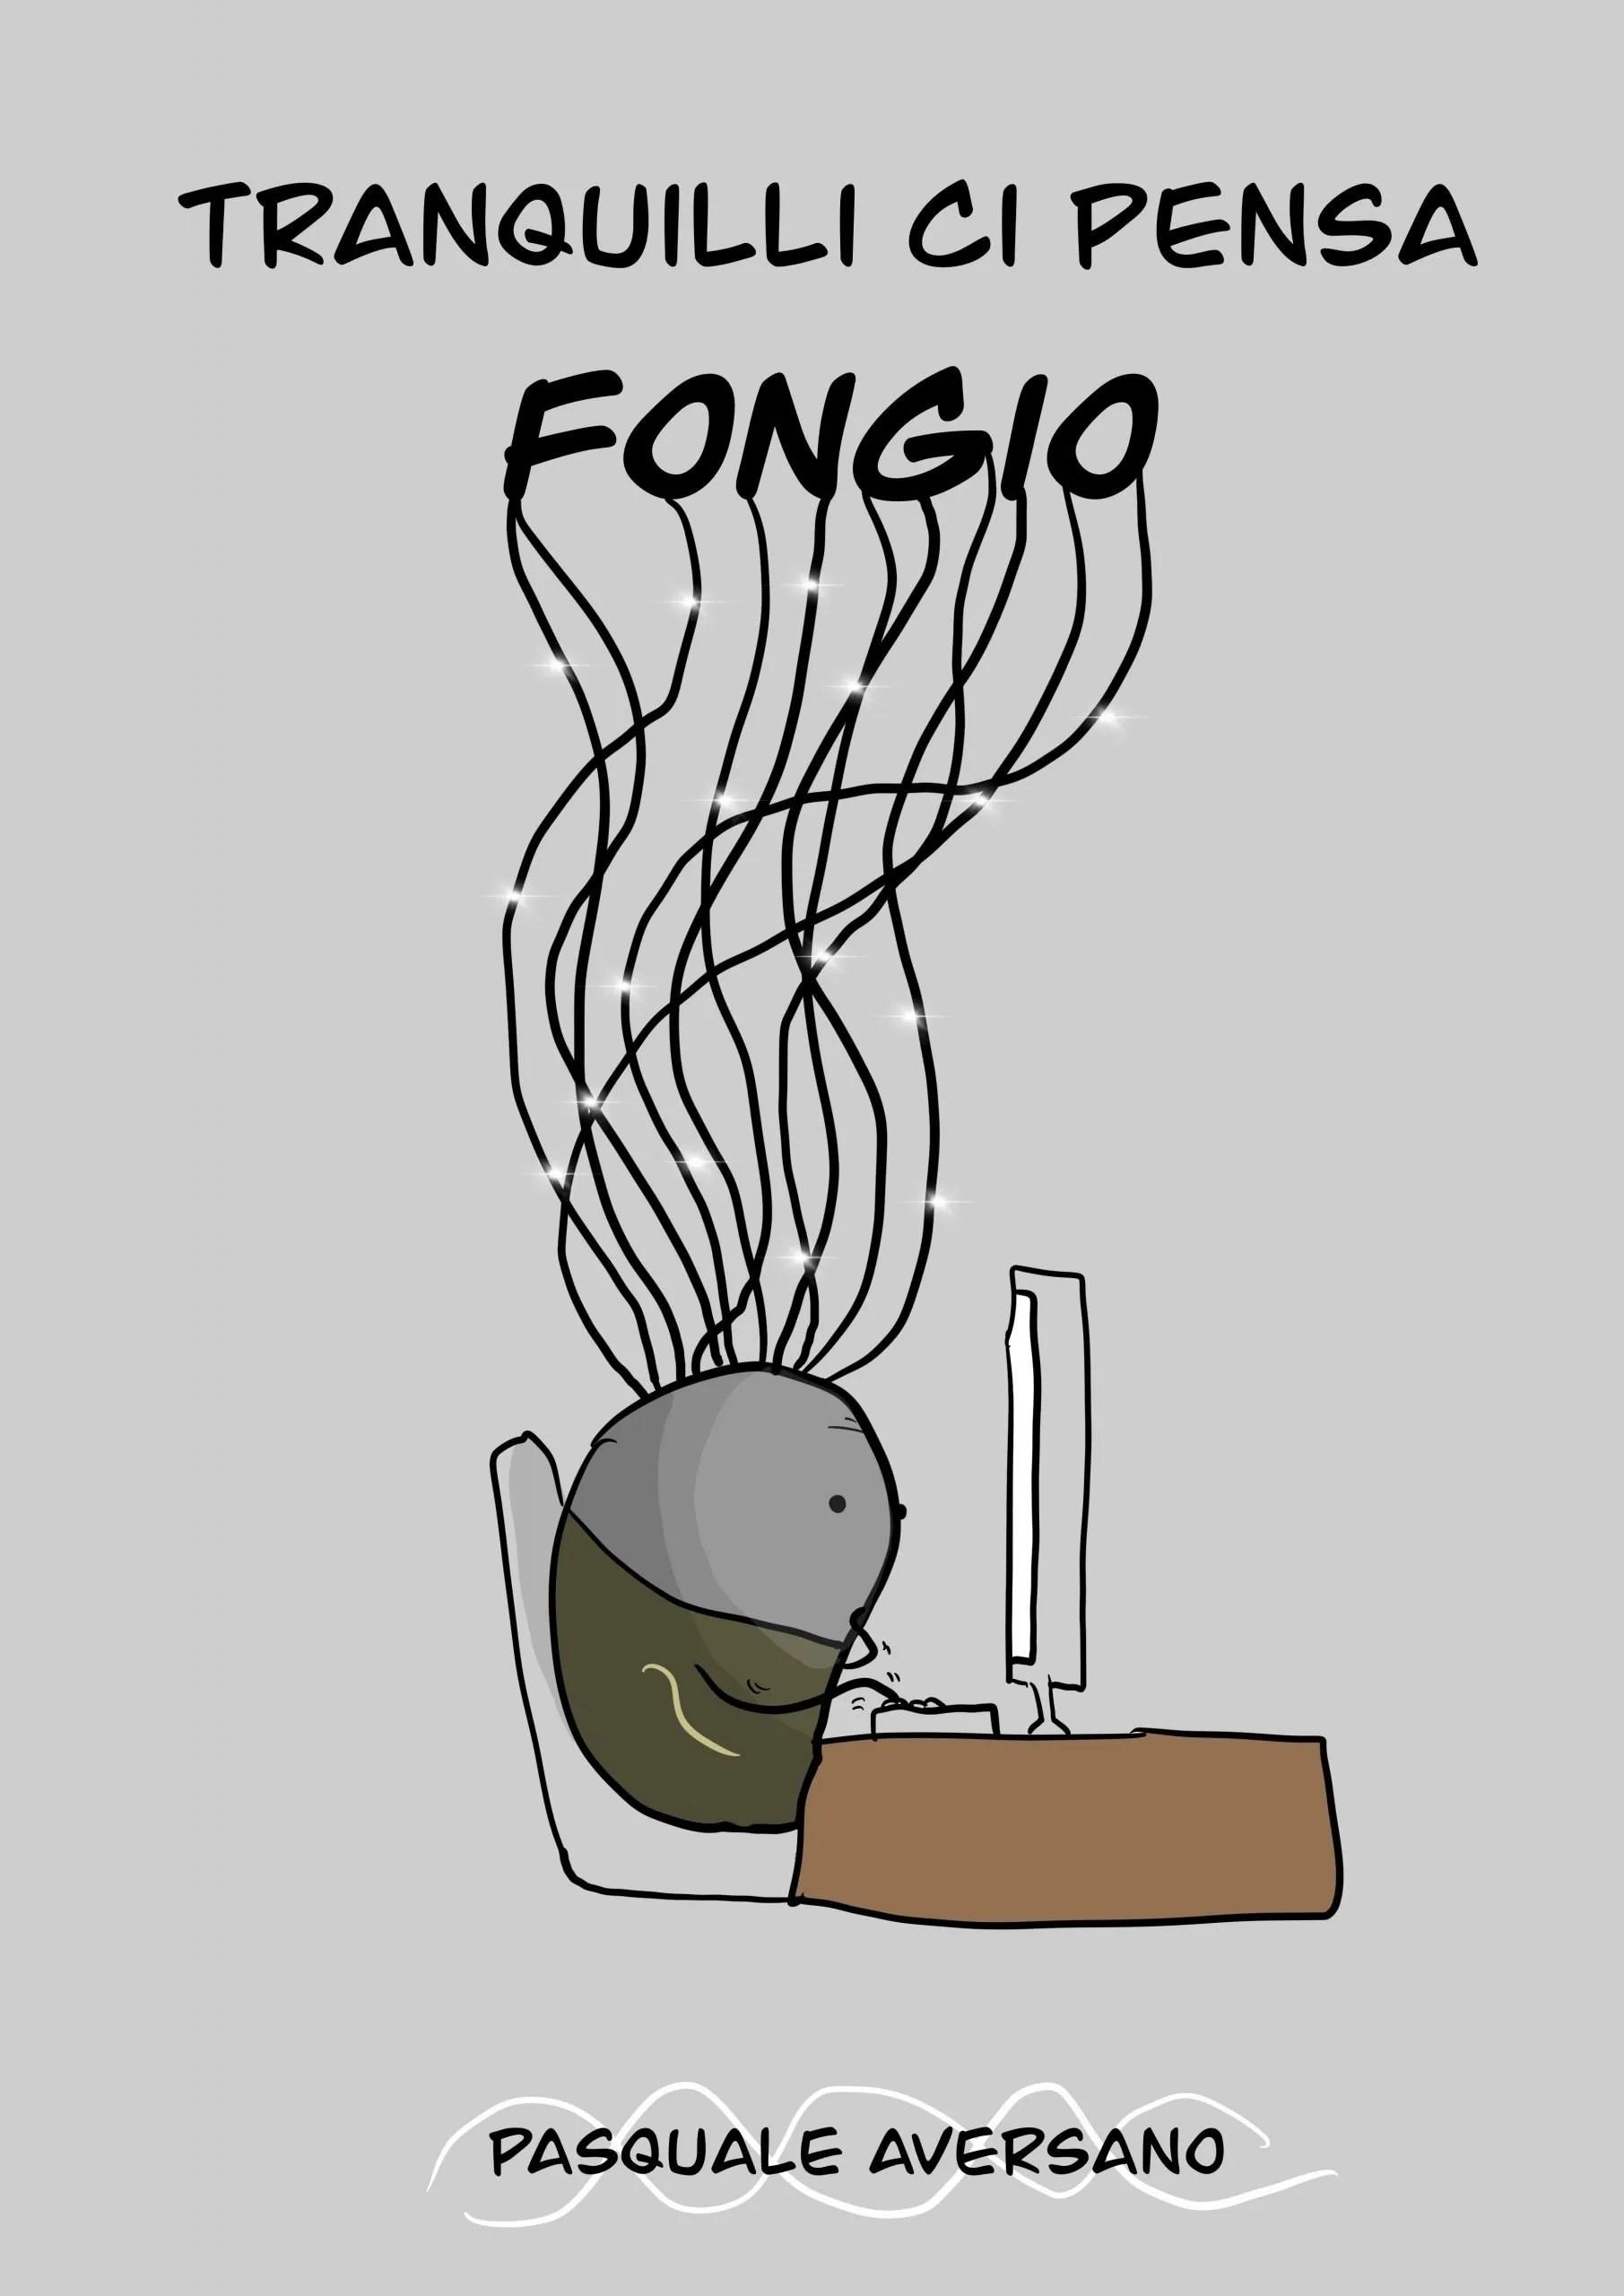 Tranquilli ci pensa Fongio